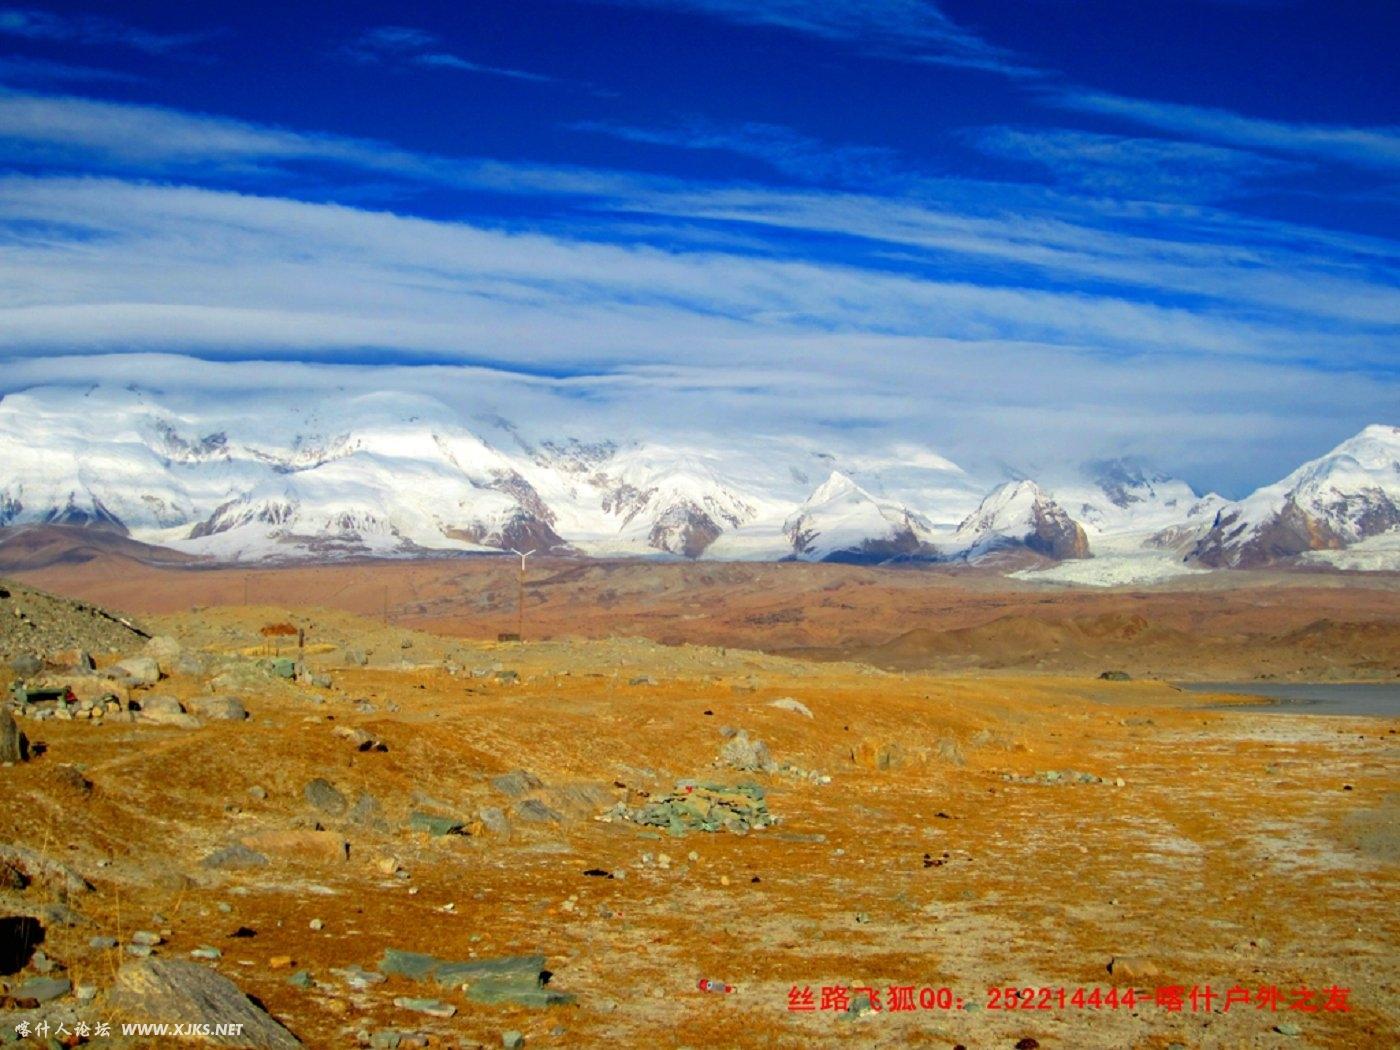 冬季的慕士塔格峰